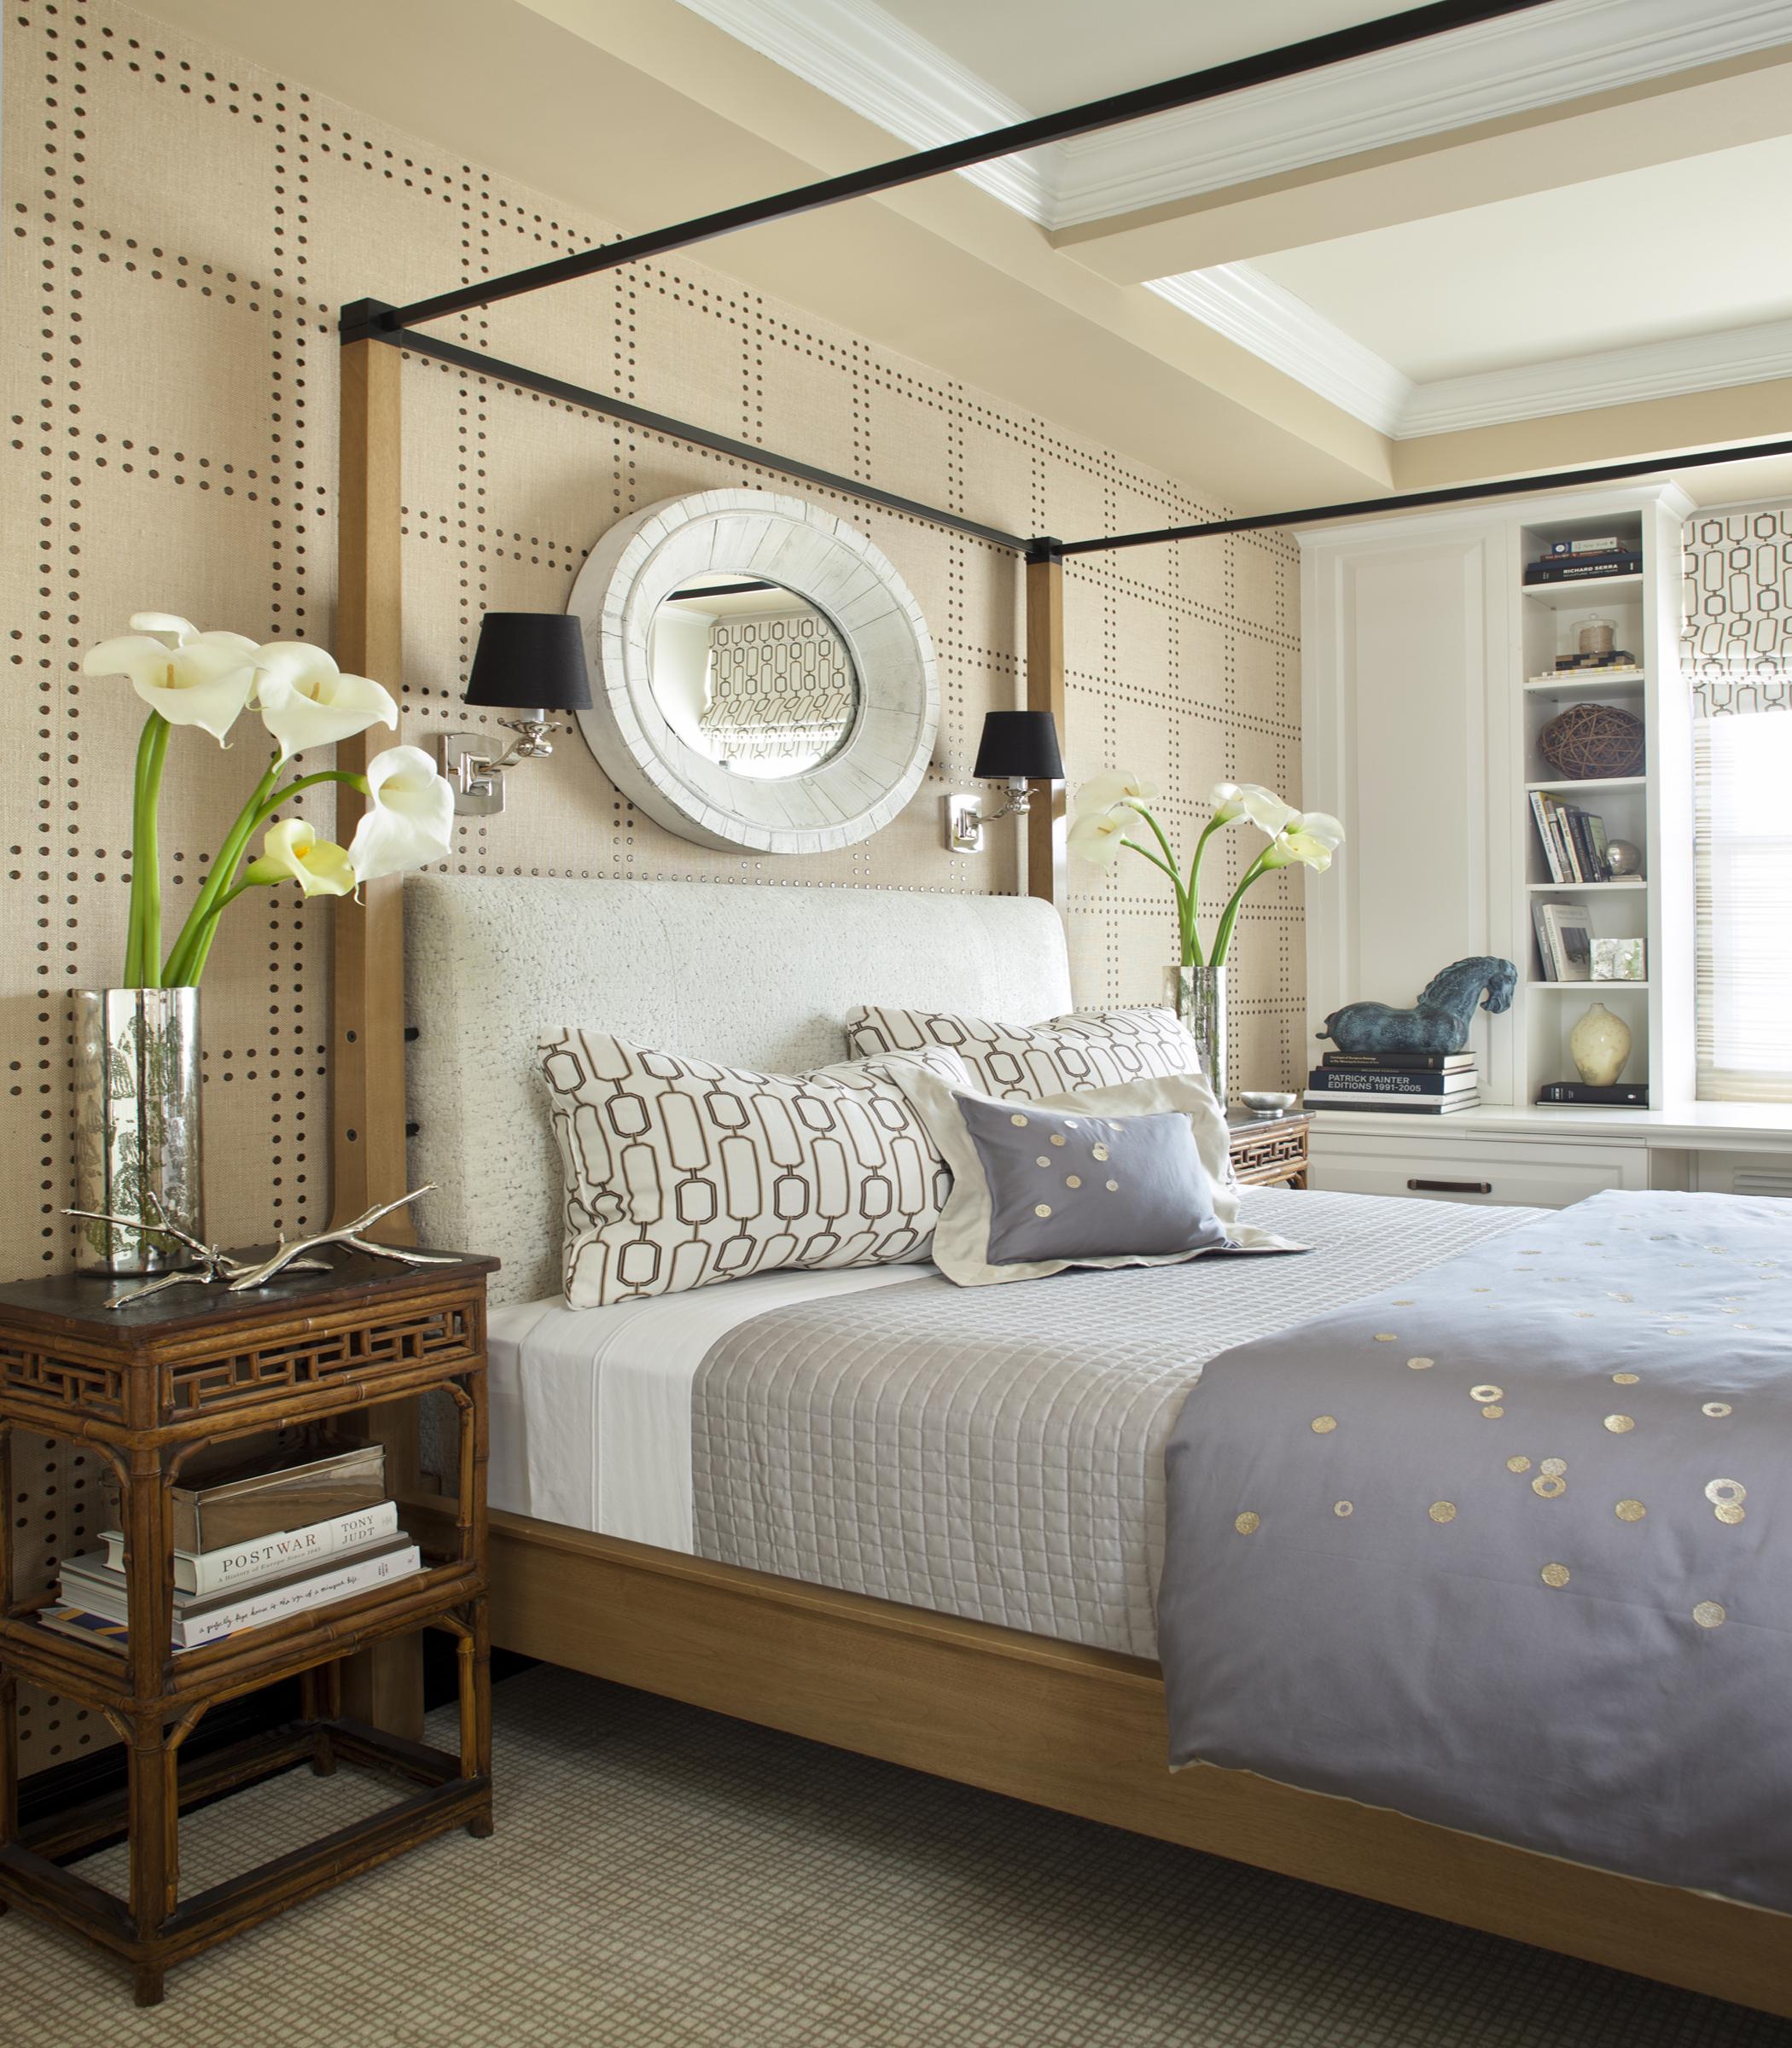 9 - Reece-9 Guest Room.jpg